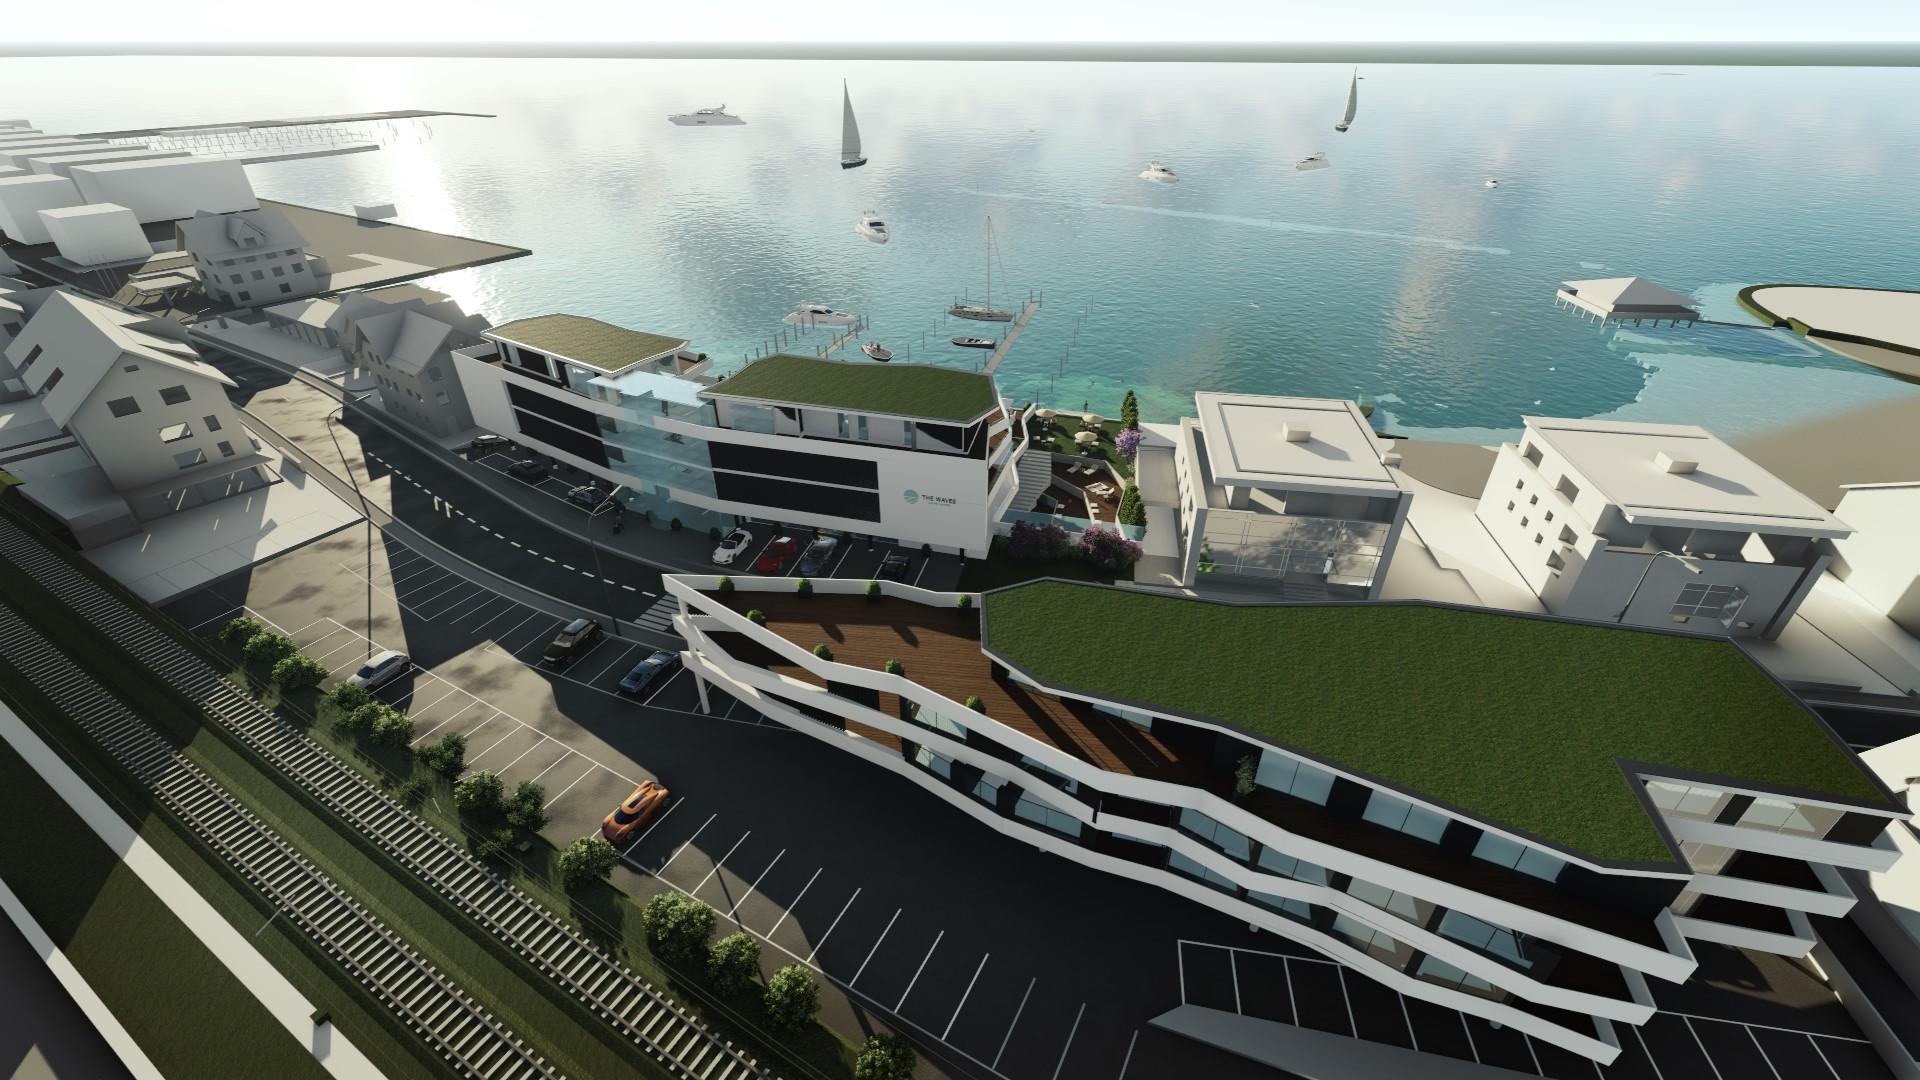 Wohn- und Gewerbekonzept für Seeuferanwesen